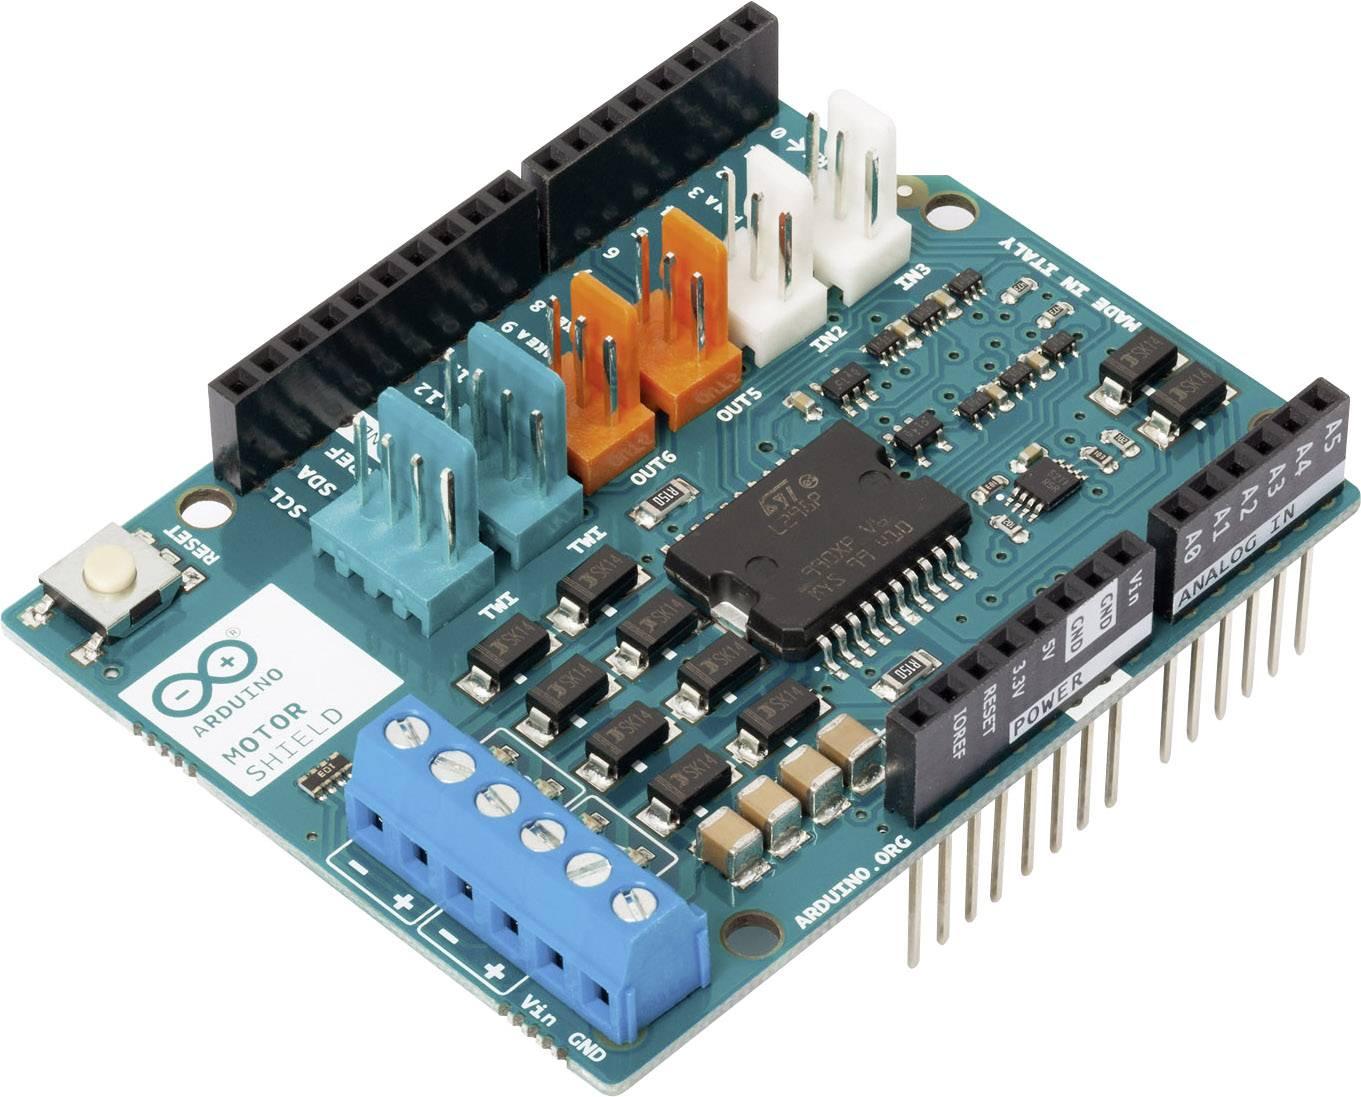 Rozširujúca doska Arduino na riadenie motorov